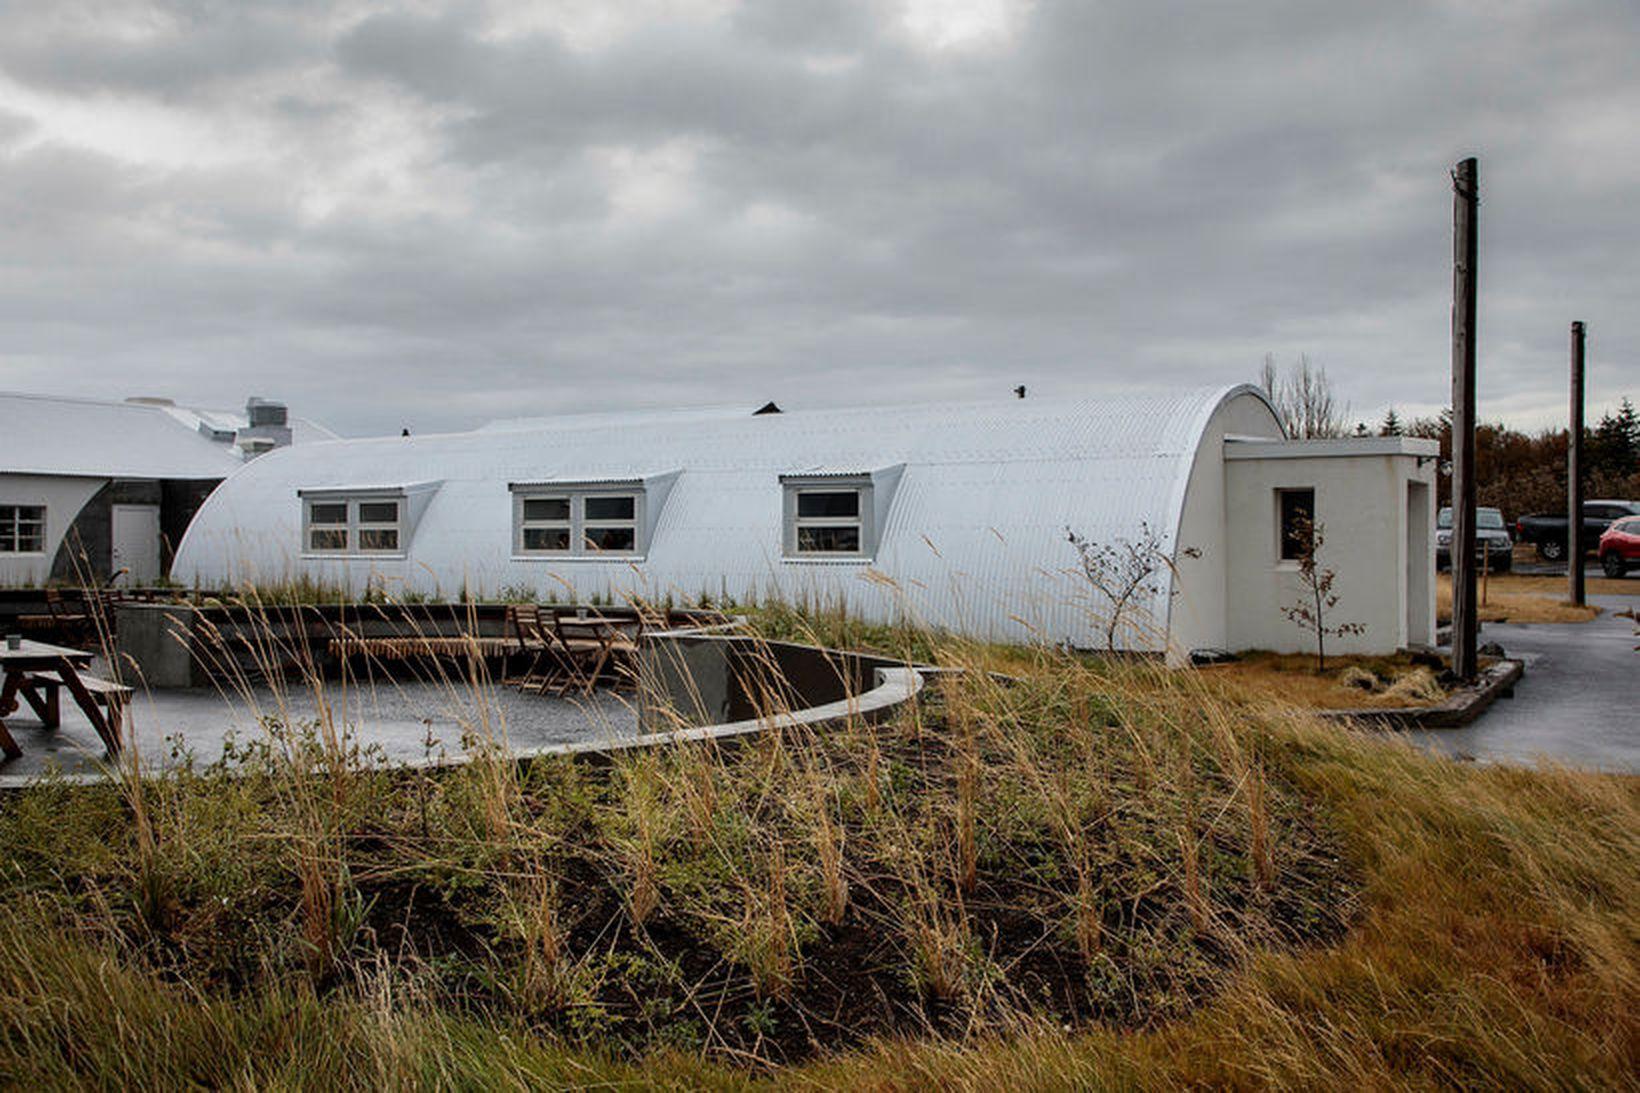 Áætlaður heildarkostnaður við framkvæmdir við húsin þrjú á Nauthólsvegi 100 …